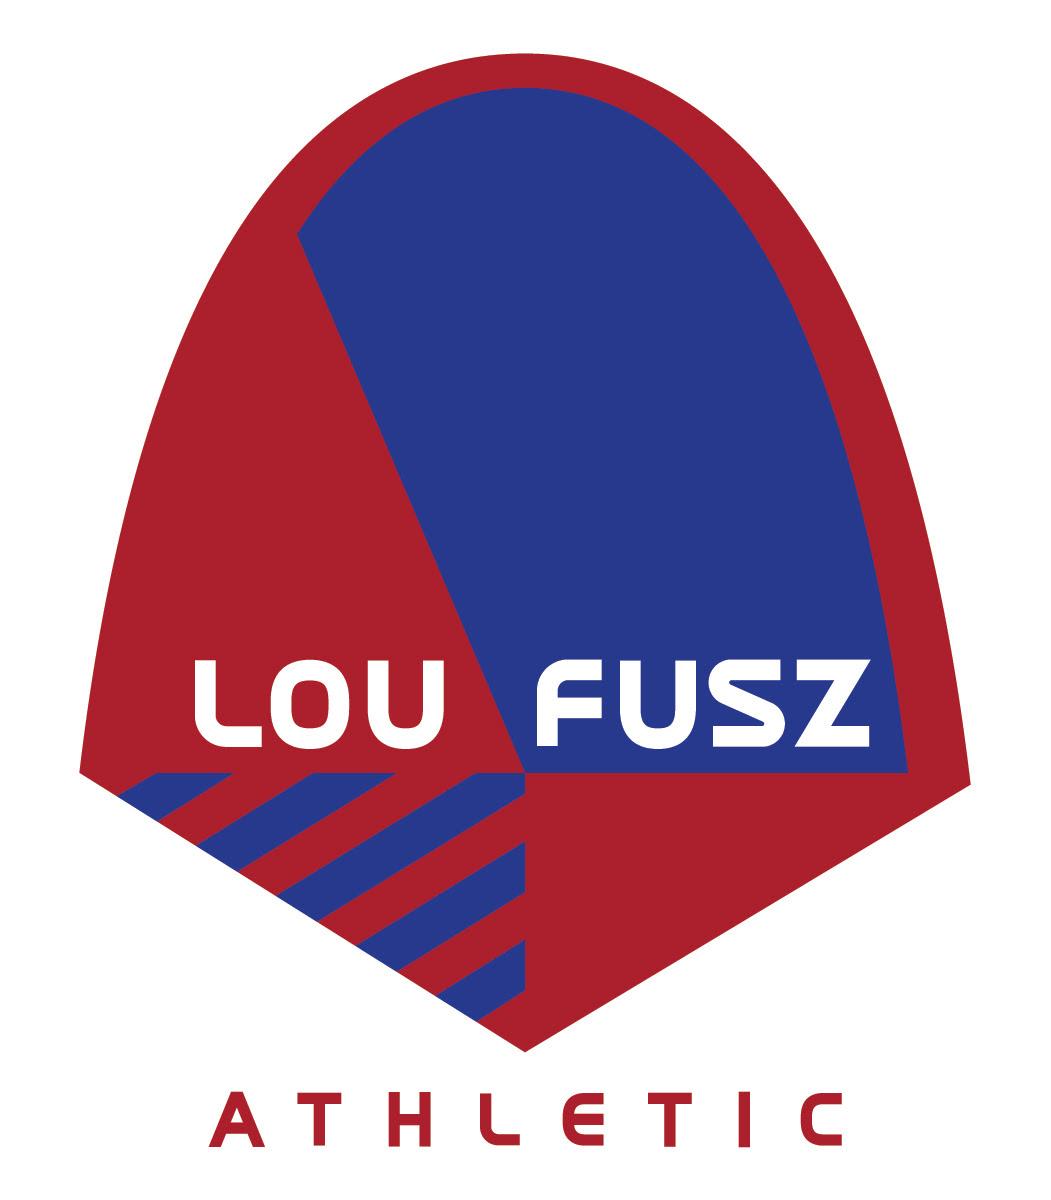 Lou Fusz 03 Blue